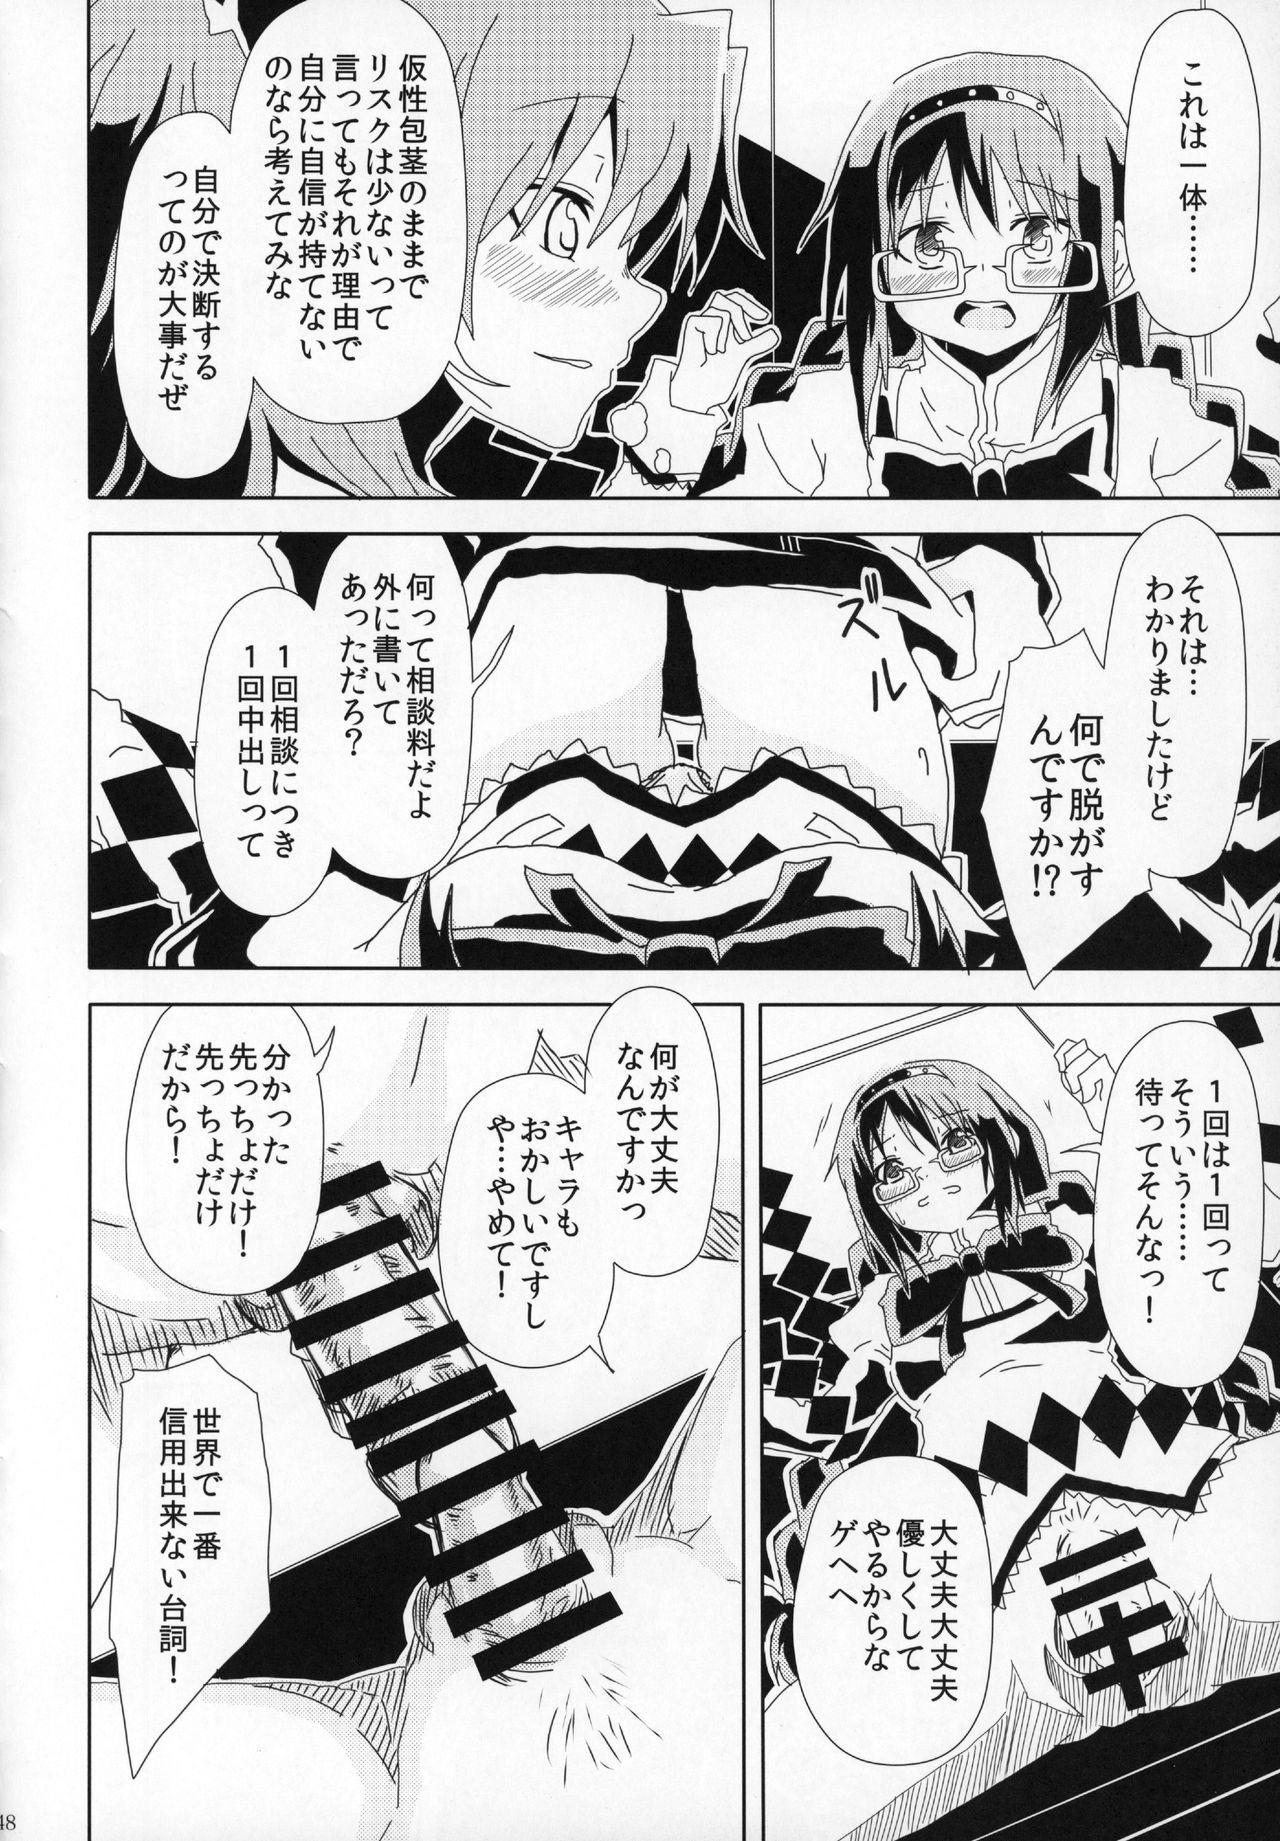 Futanari Chinko ni Onayami no Aru Mahou Shoujo Goudoushi Sono Emono, Mondai Ari desu 46